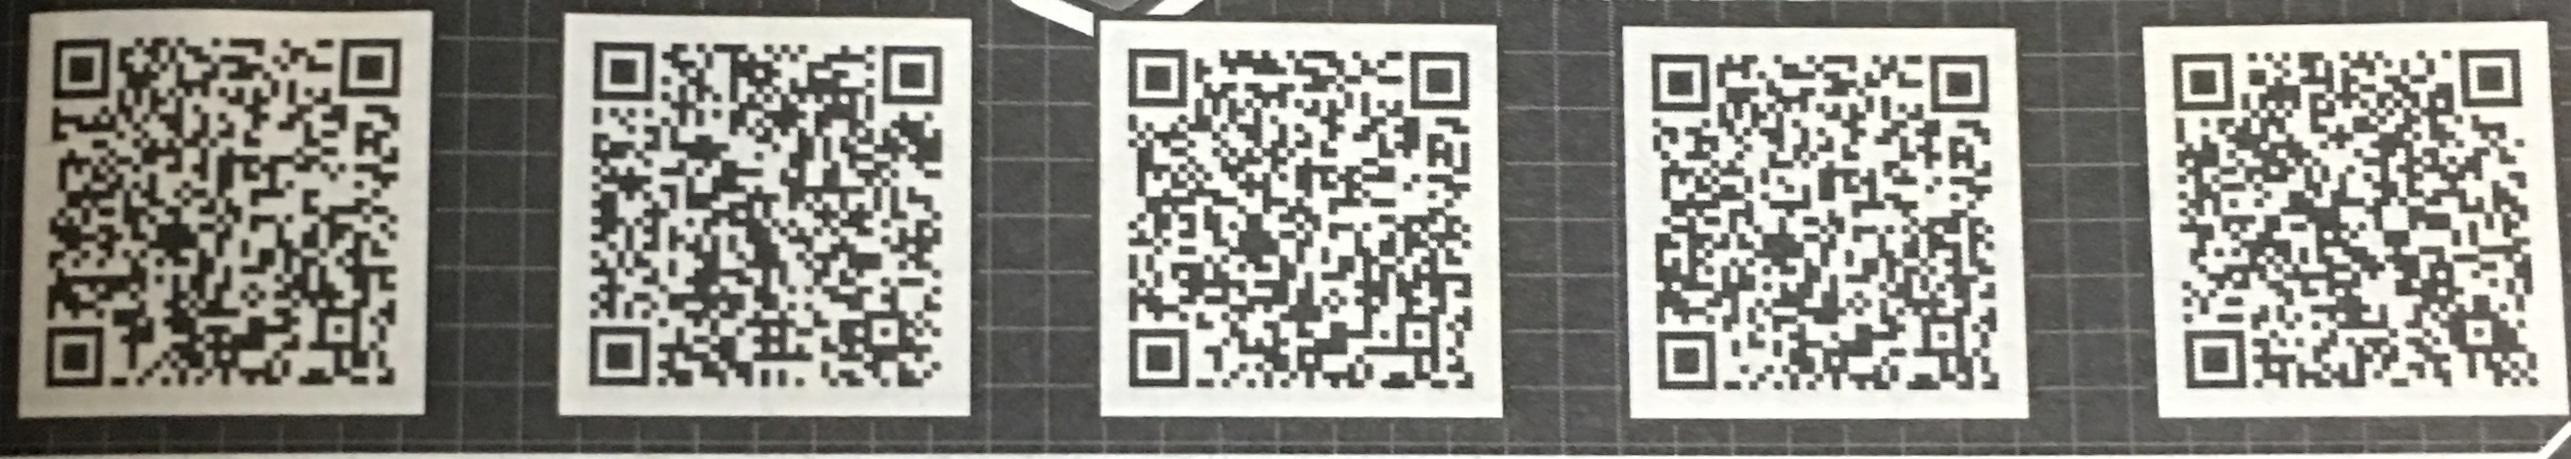 Vジャンプ3月号のスペシャルヒーローコインのQRコード